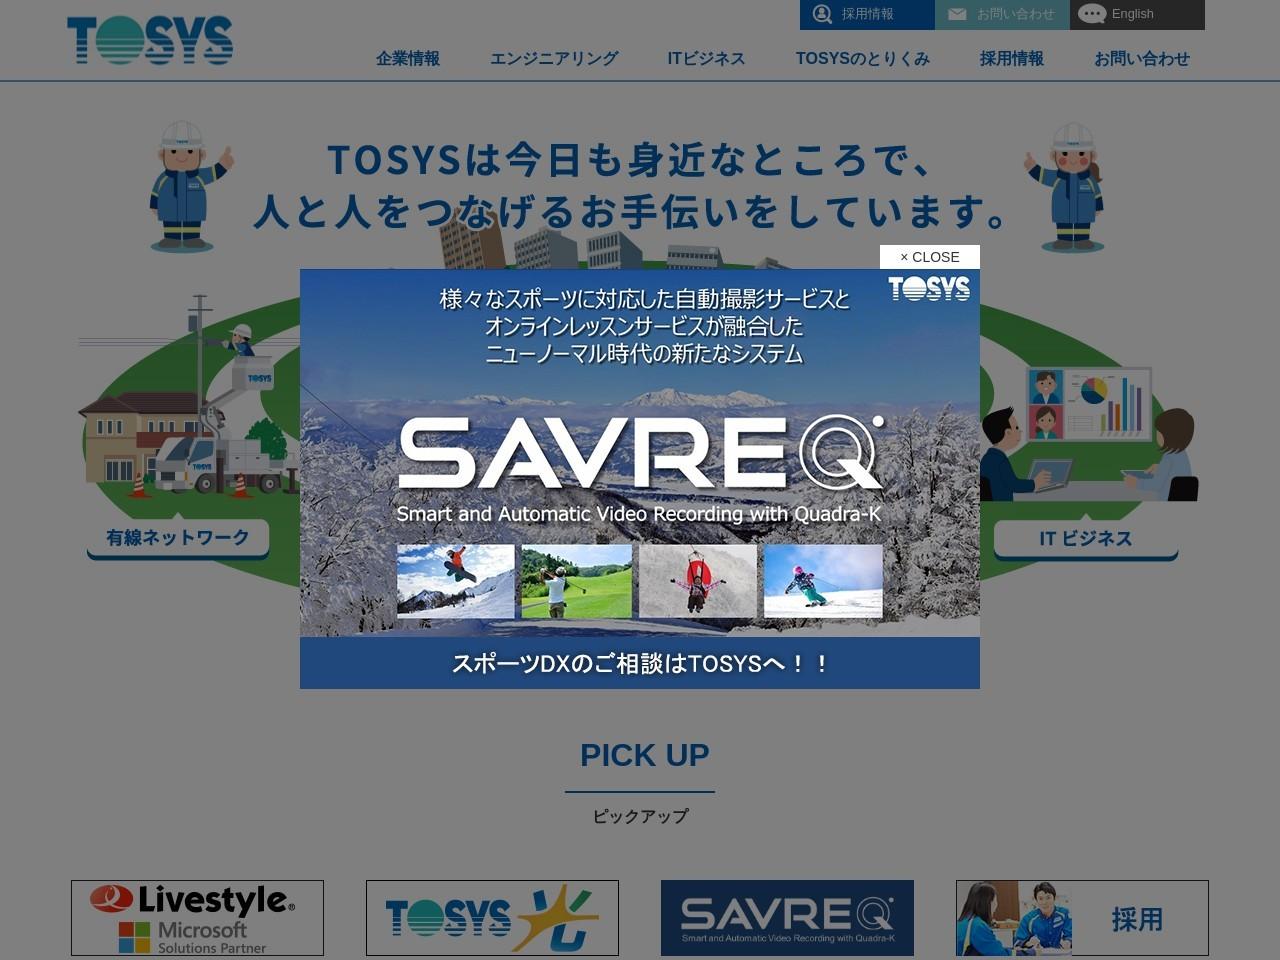 株式会社TOSYS新潟本社事務所/新潟事業推進本部